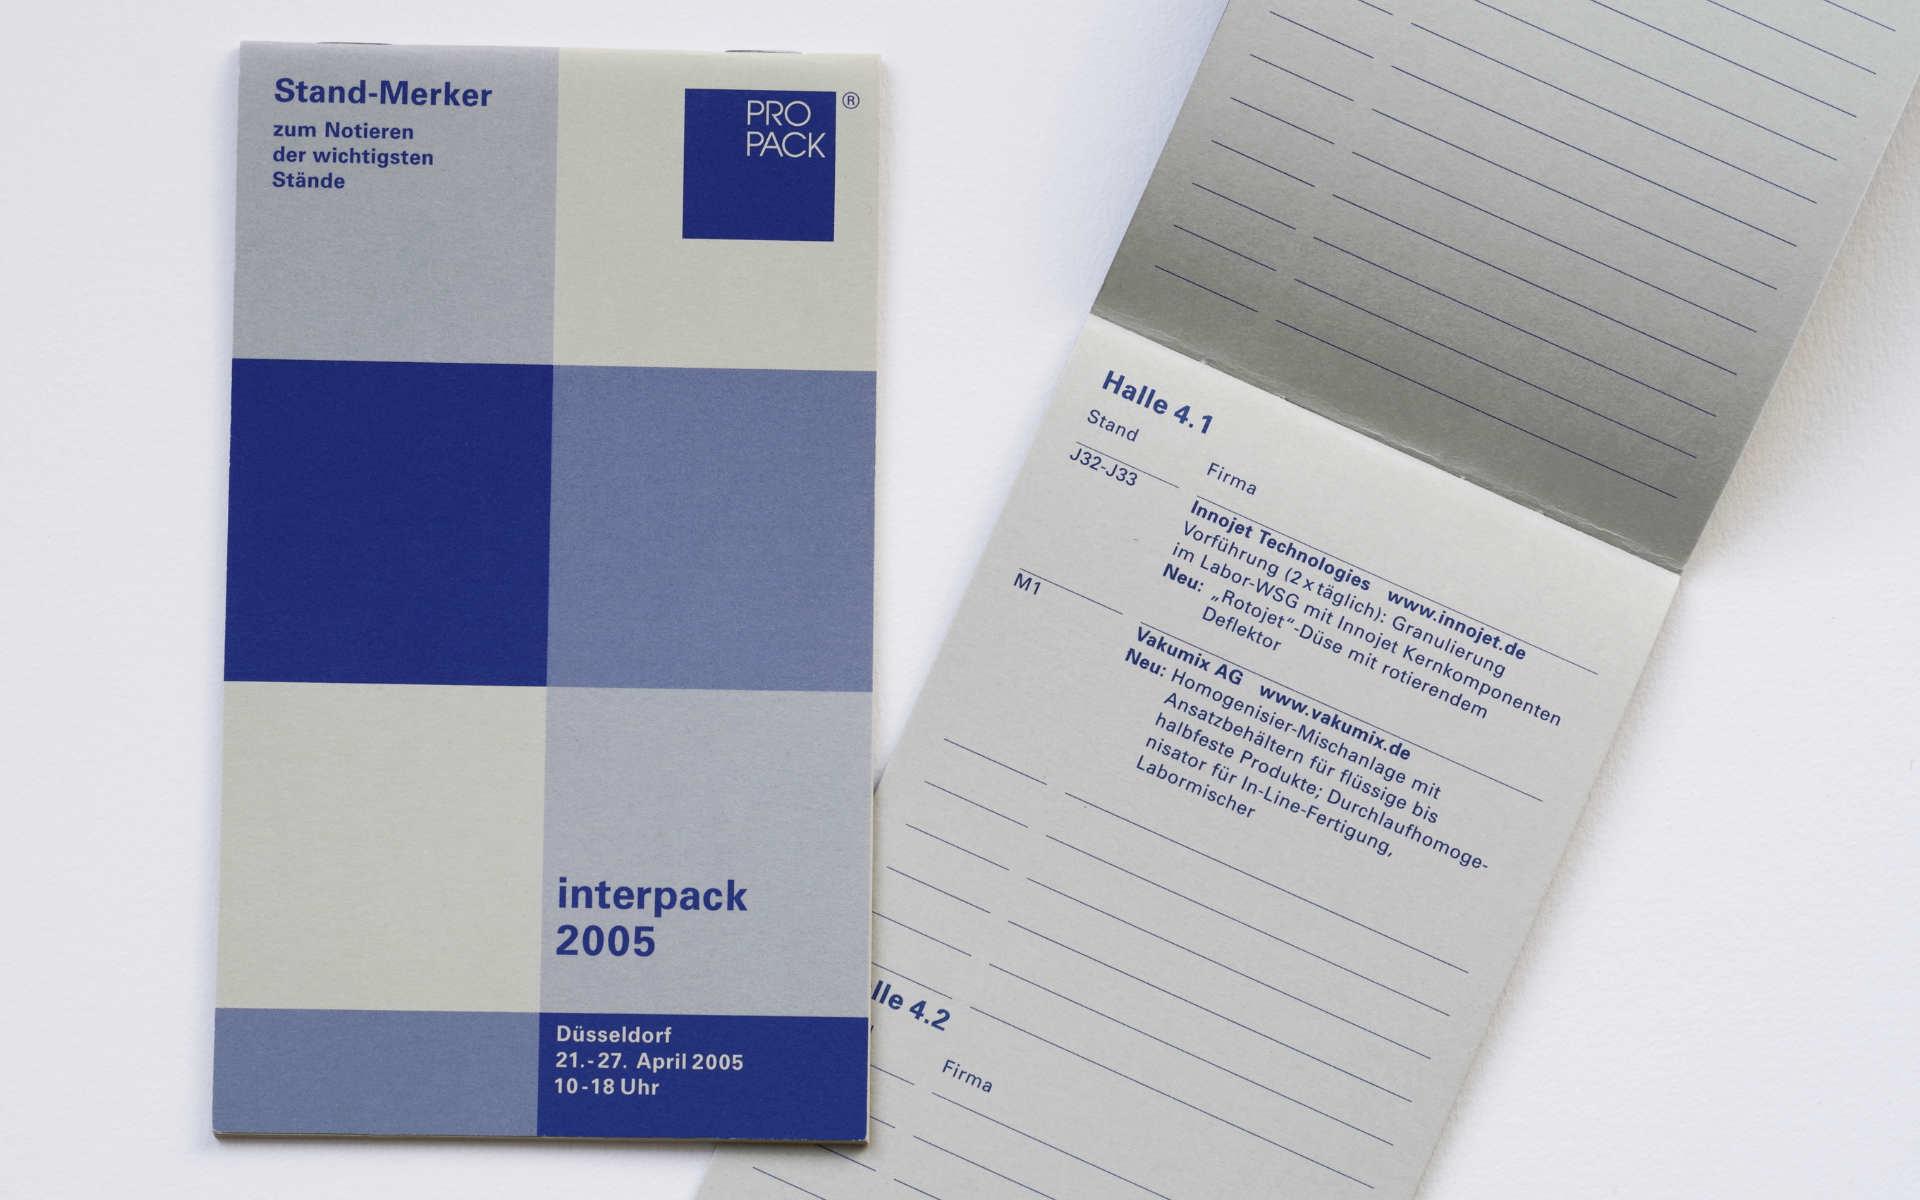 Propack Standmerker Broschuere Grafik Design Berlin